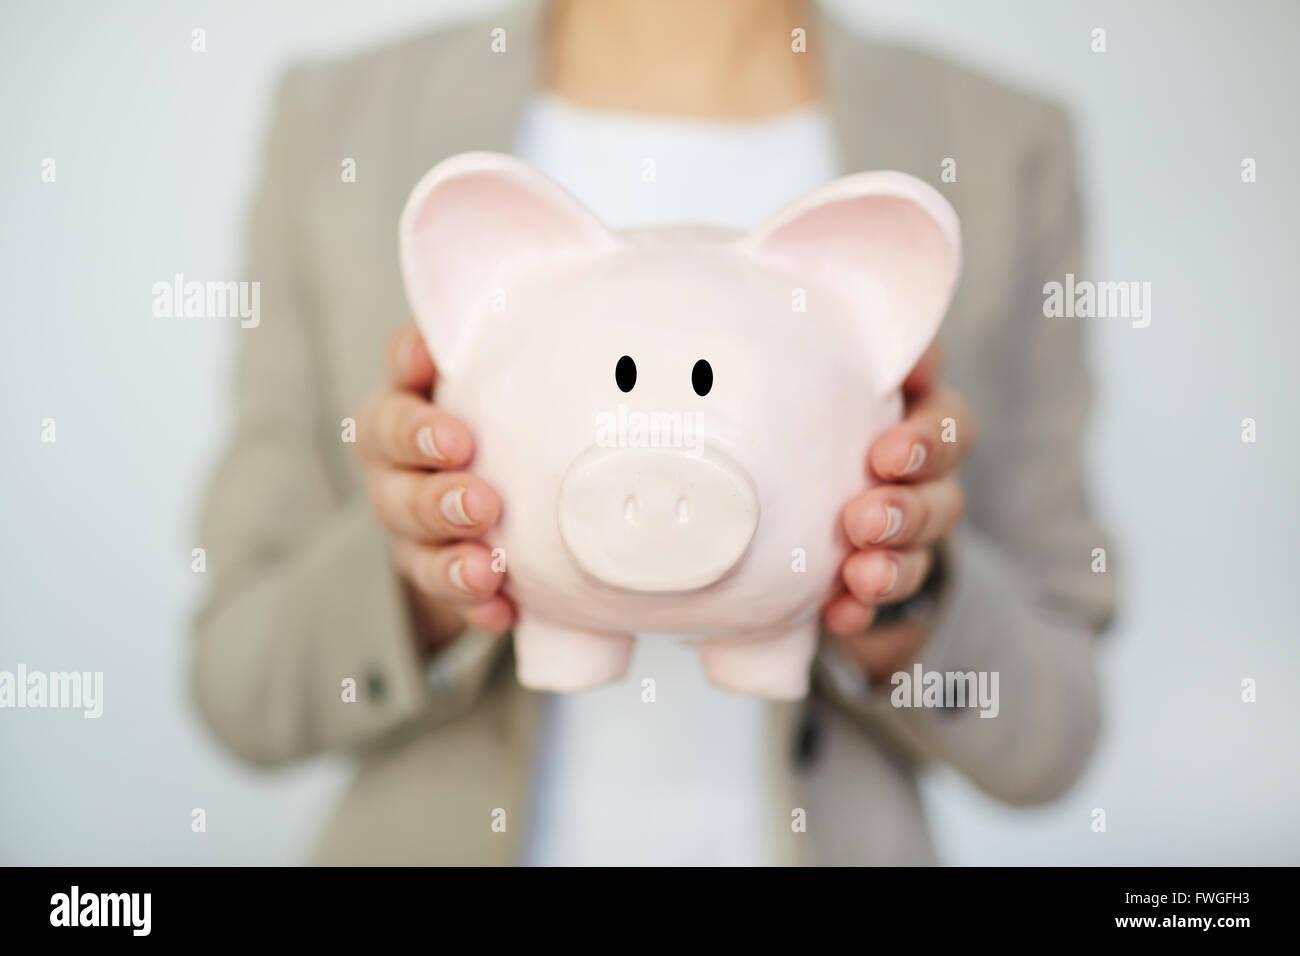 Savings - Stock Image